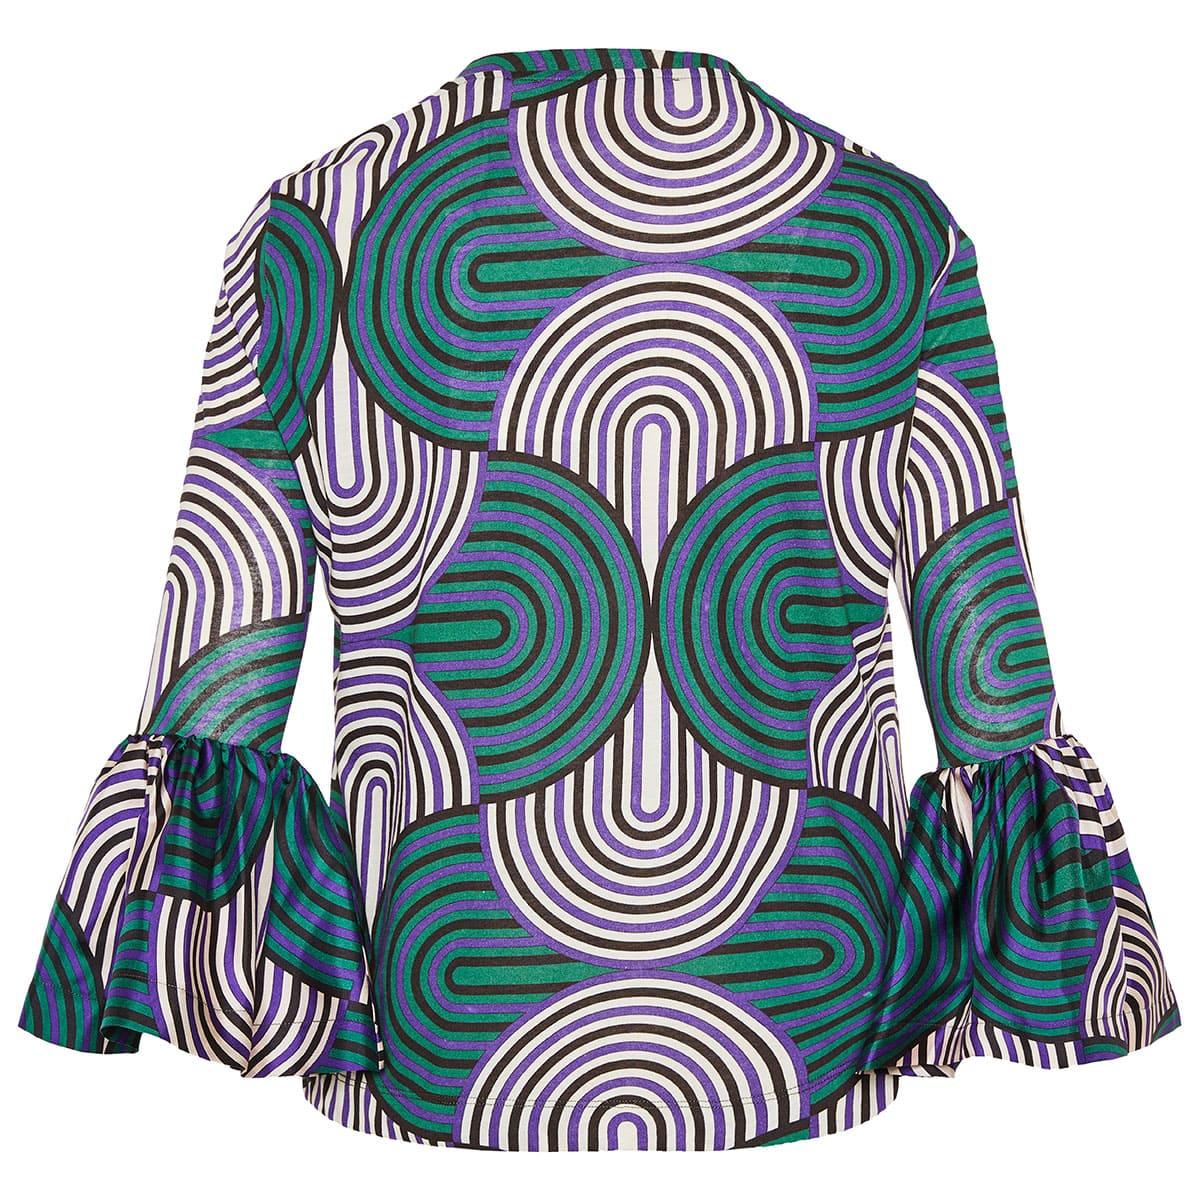 Gemini ruffled-cuff printed blouse